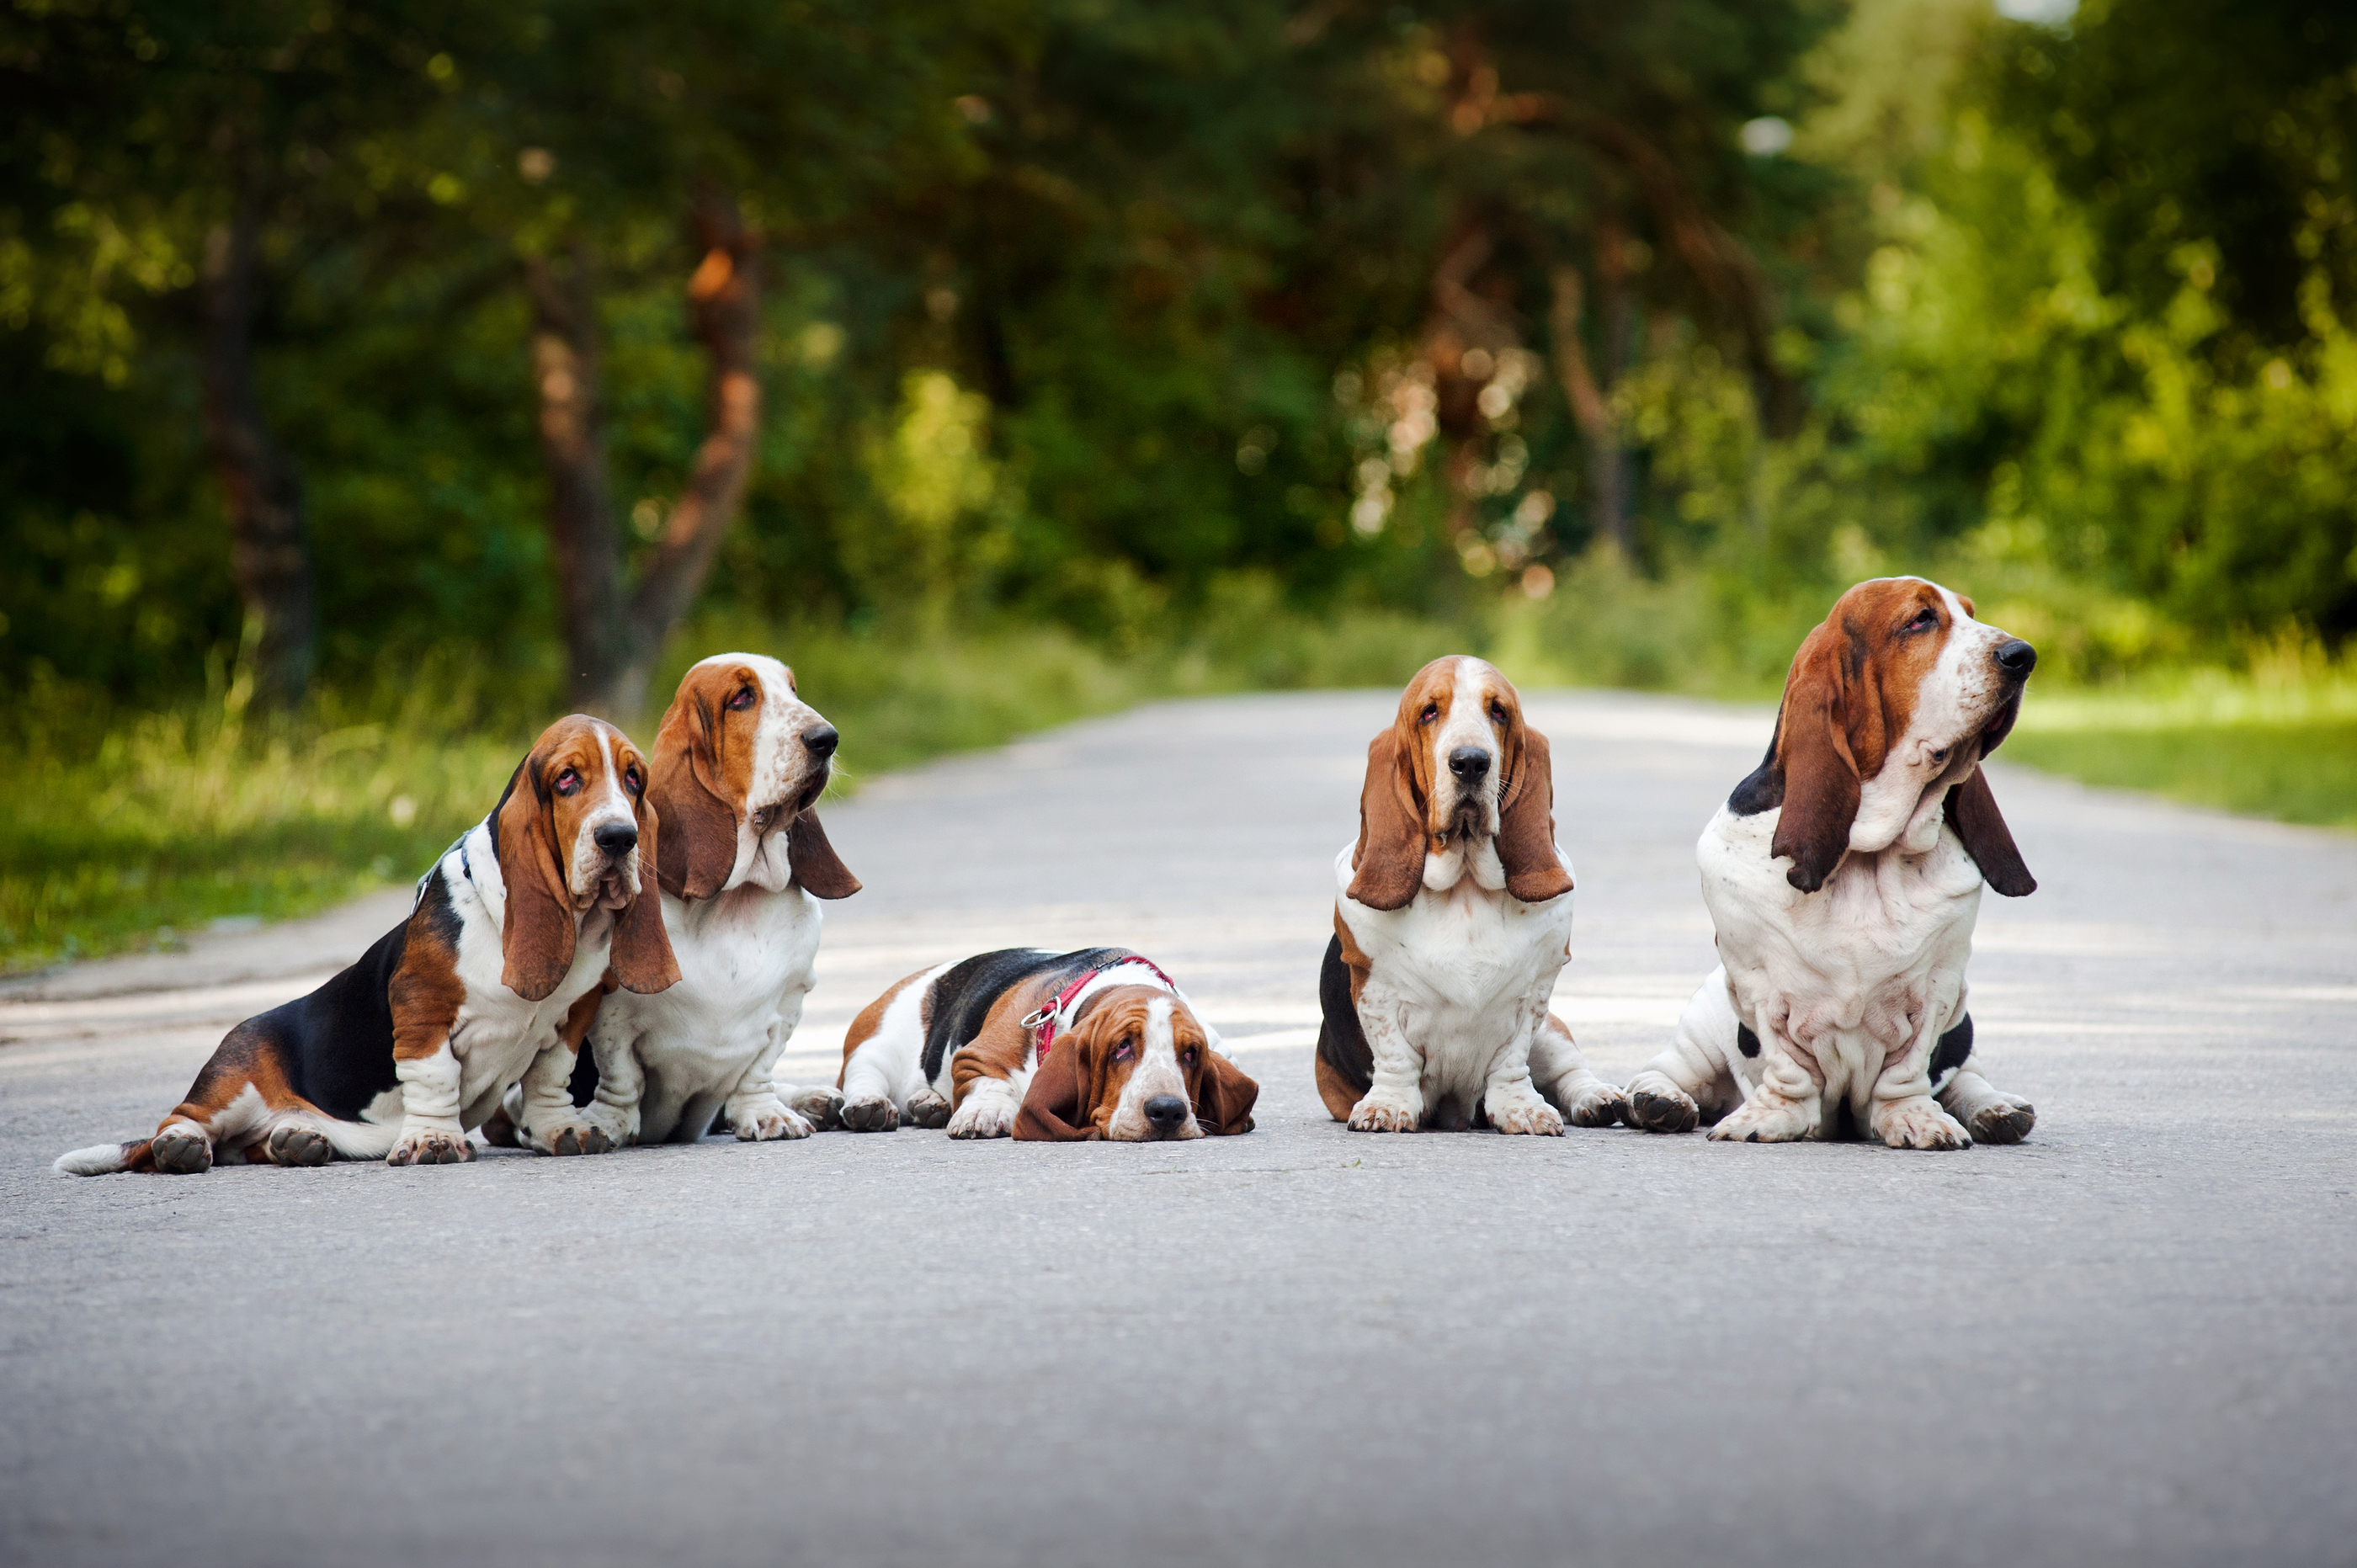 Best 51 Hound Background on HipWallpaper Hellhound Wallpaper 2800x1863